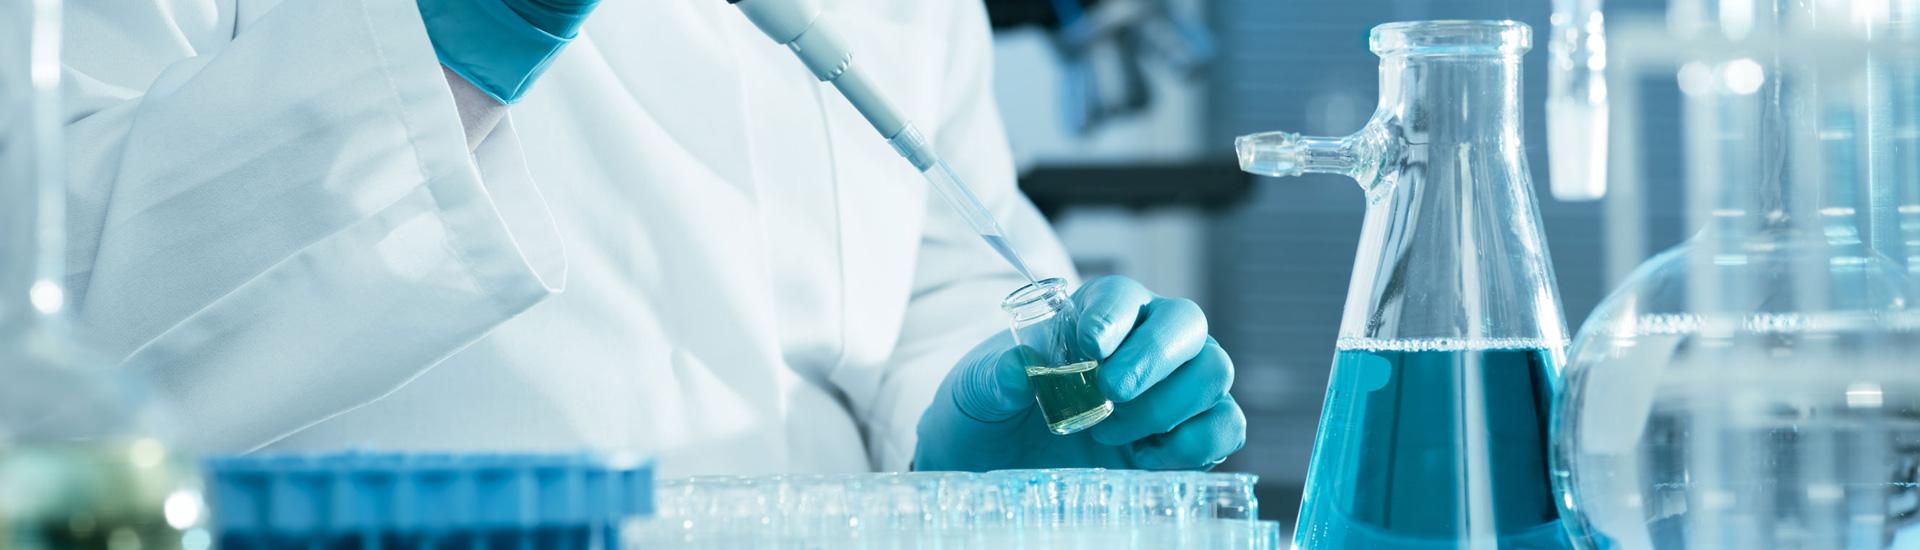 Tüm Kromozom Analizi Hakkında Merak Edilenler